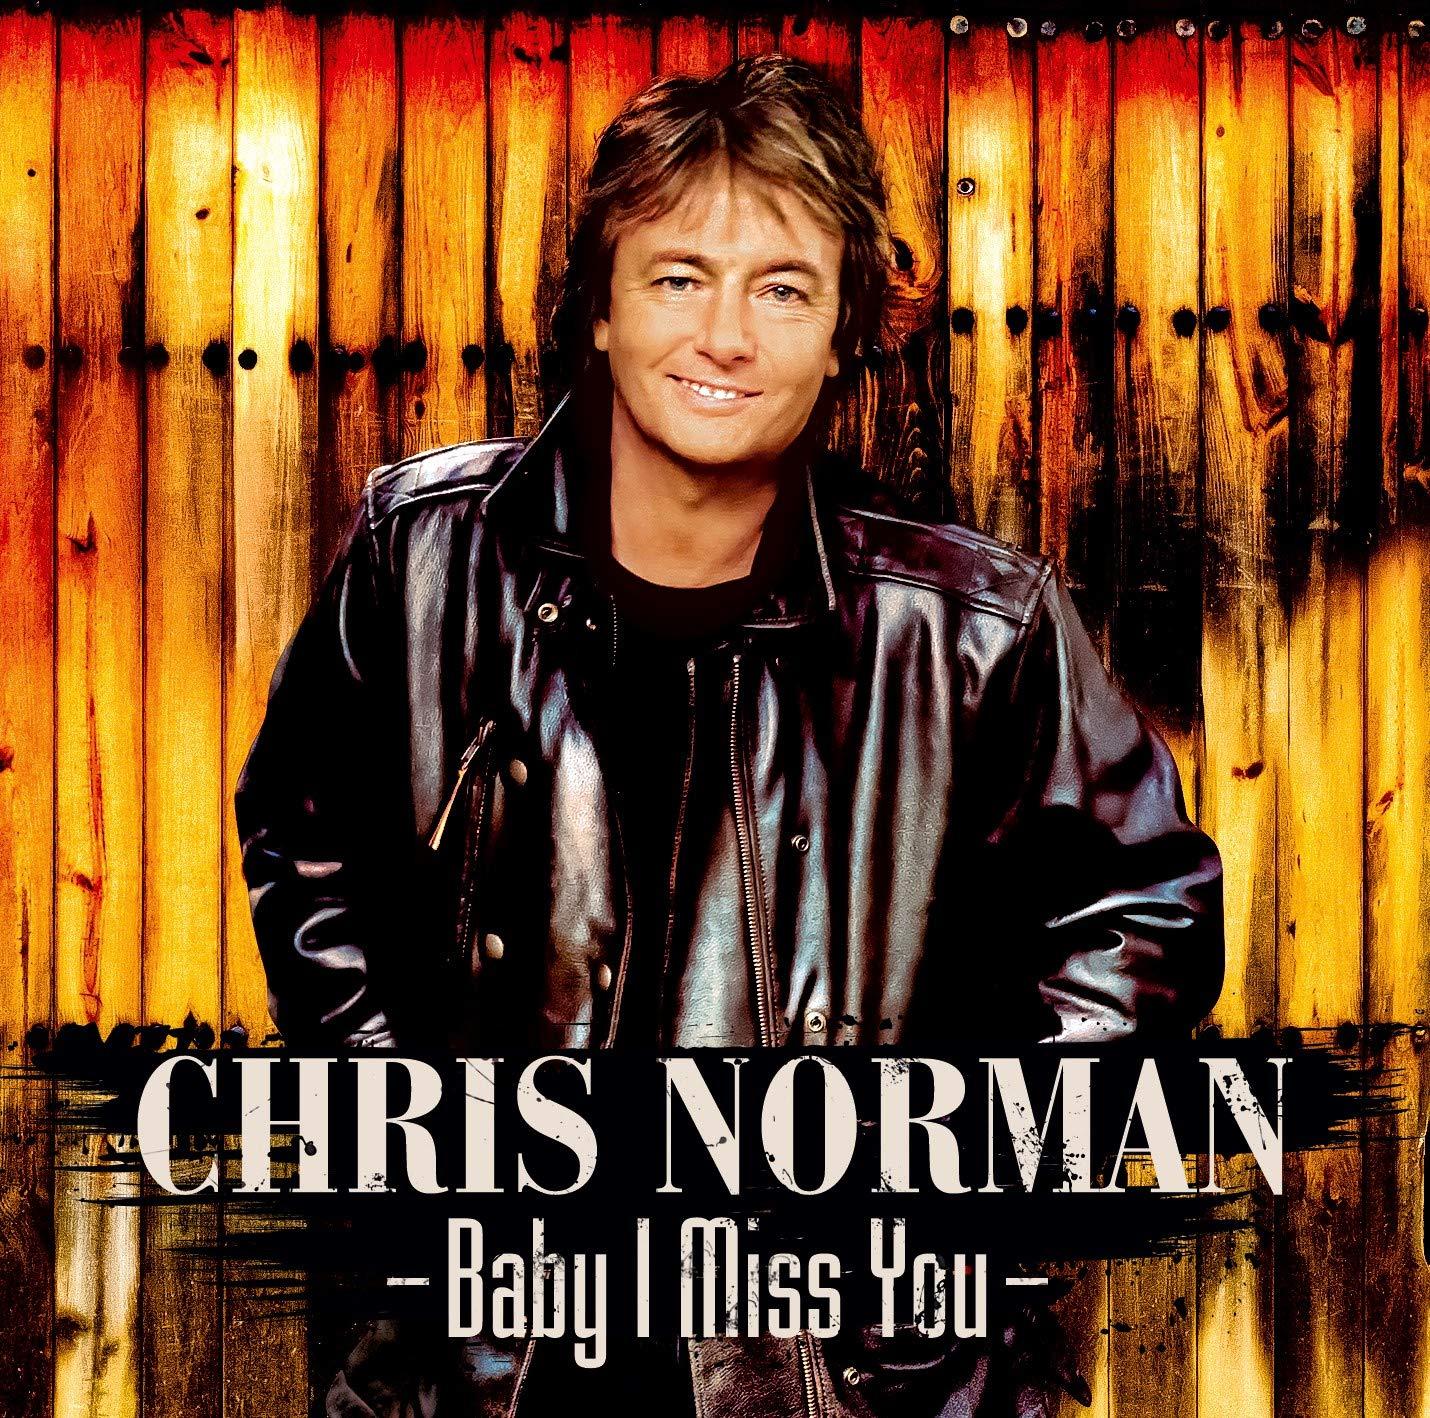 CHRIS NORMAN * Baby I Miss You (CD) * Auch als Vinyl Edition erhältlich